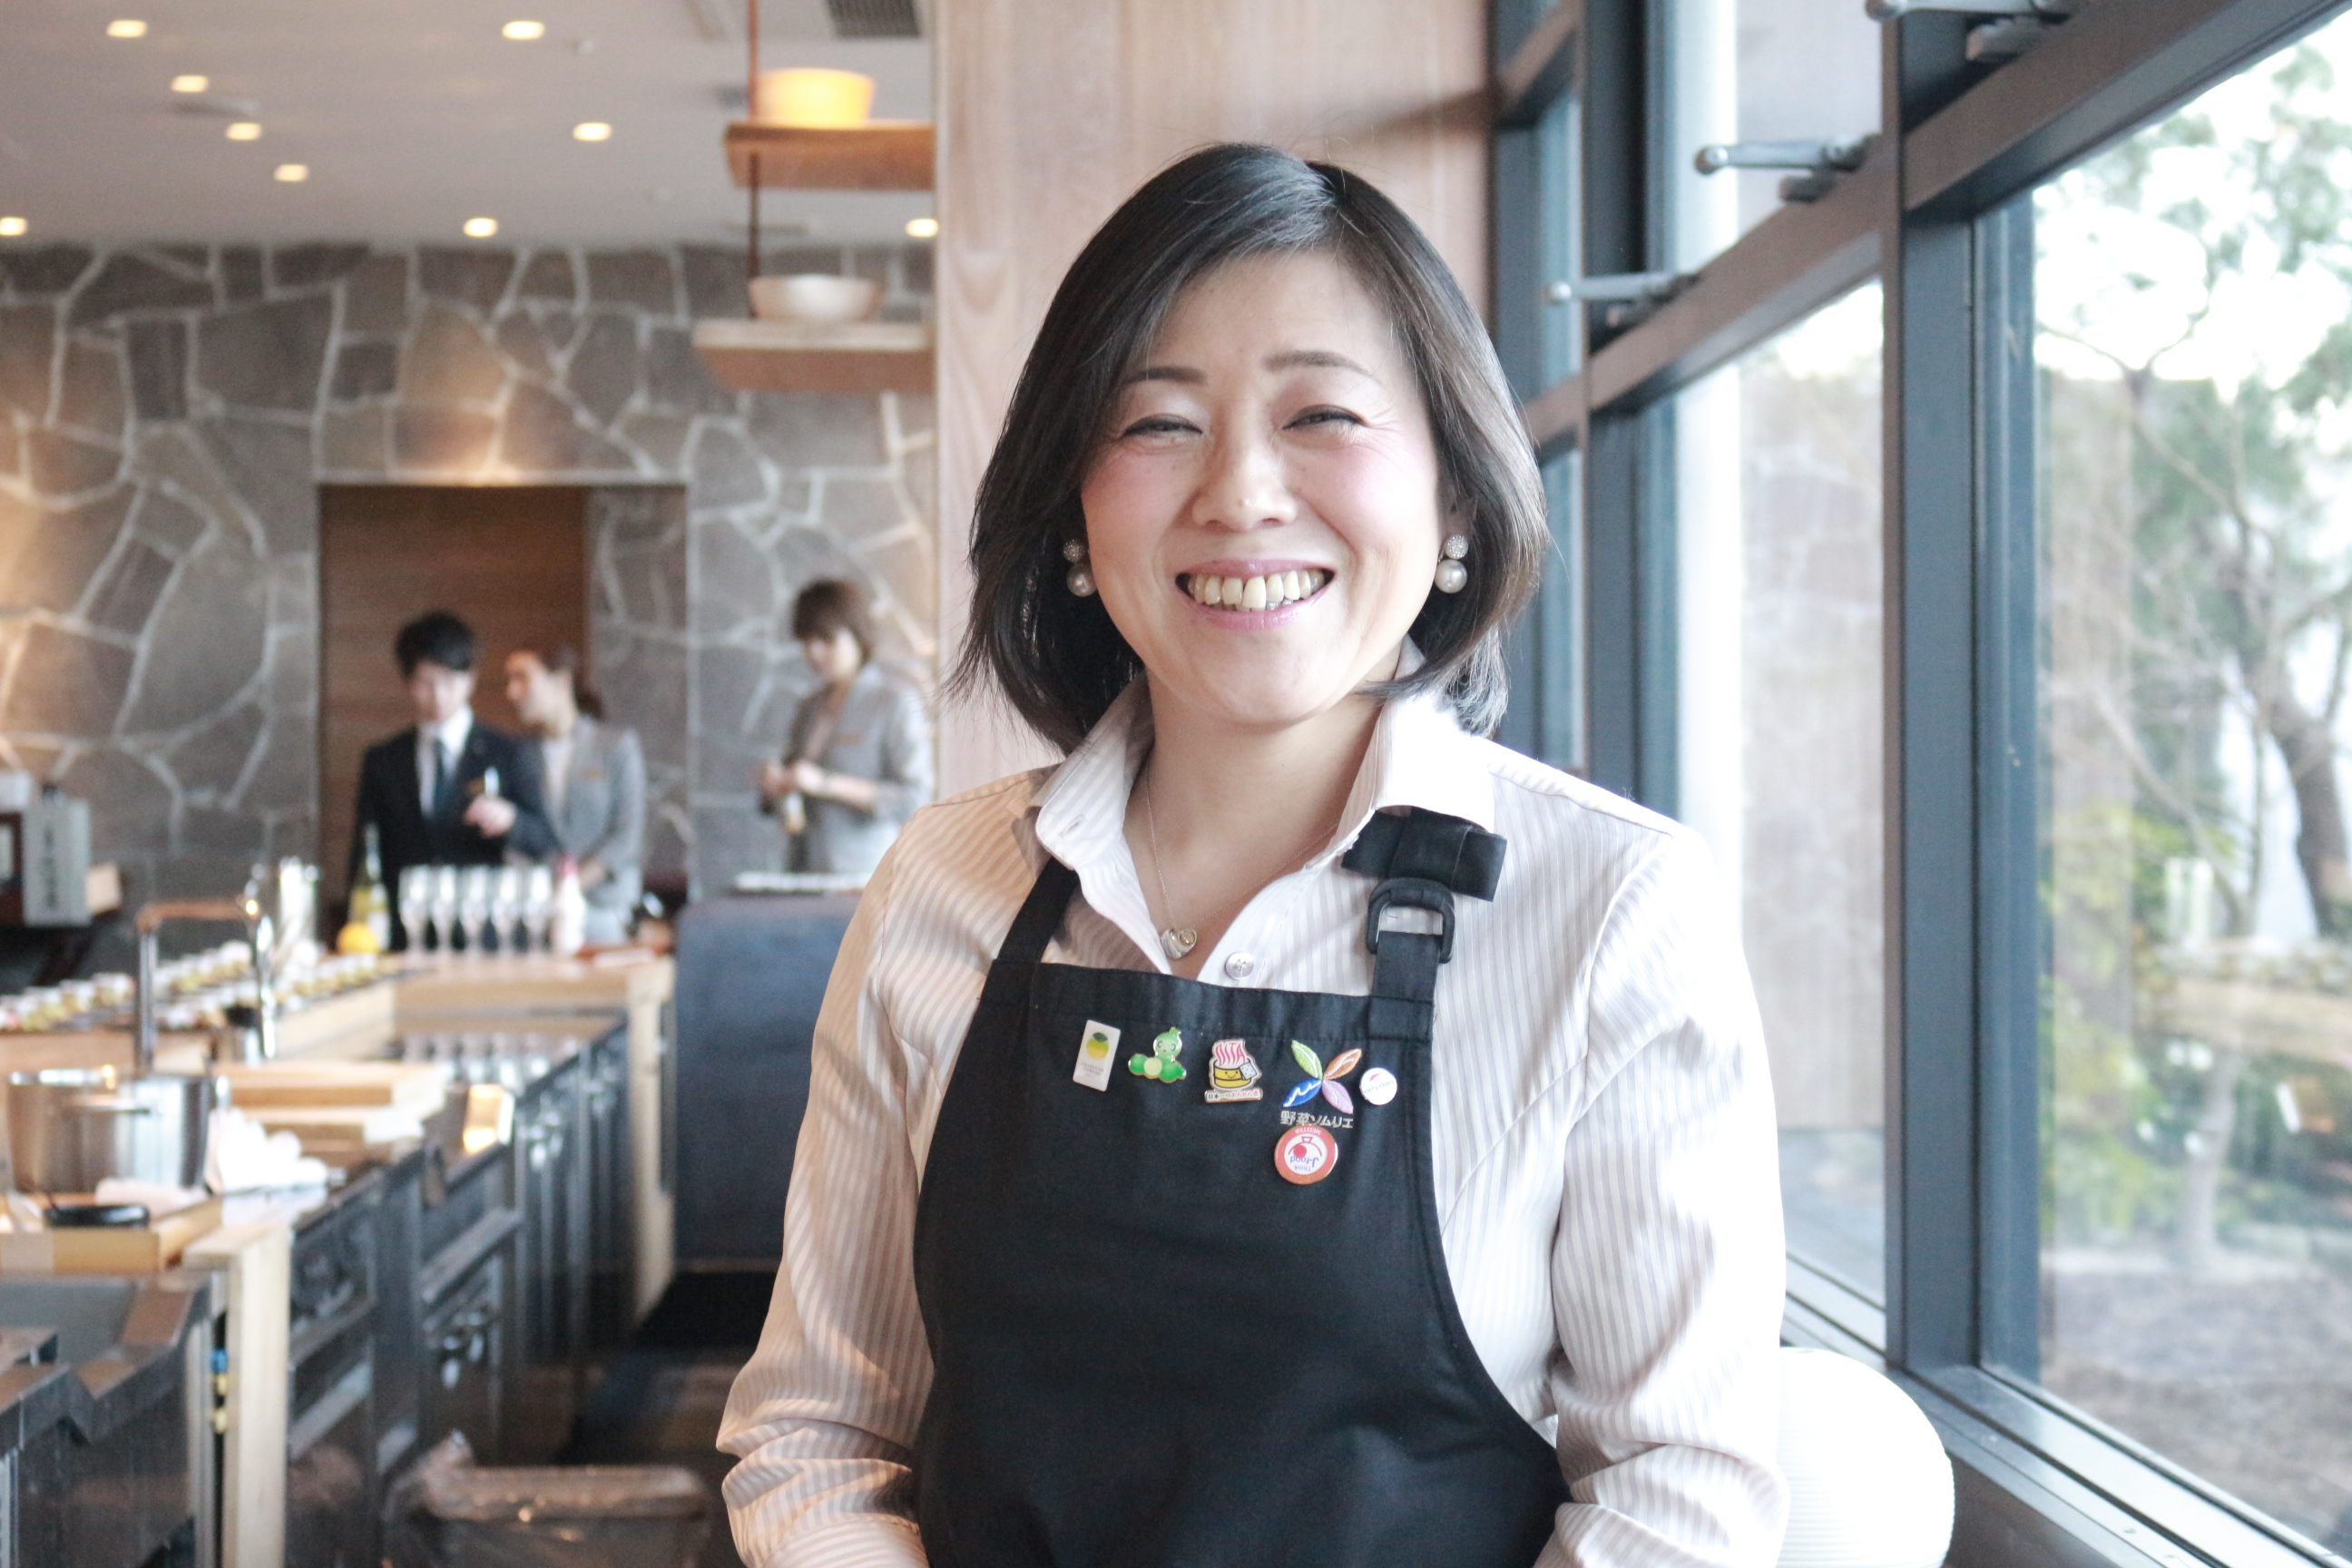 『立春』第2回TALK&LUNCH「マダムゆずと楽しむ、日本の食文化」